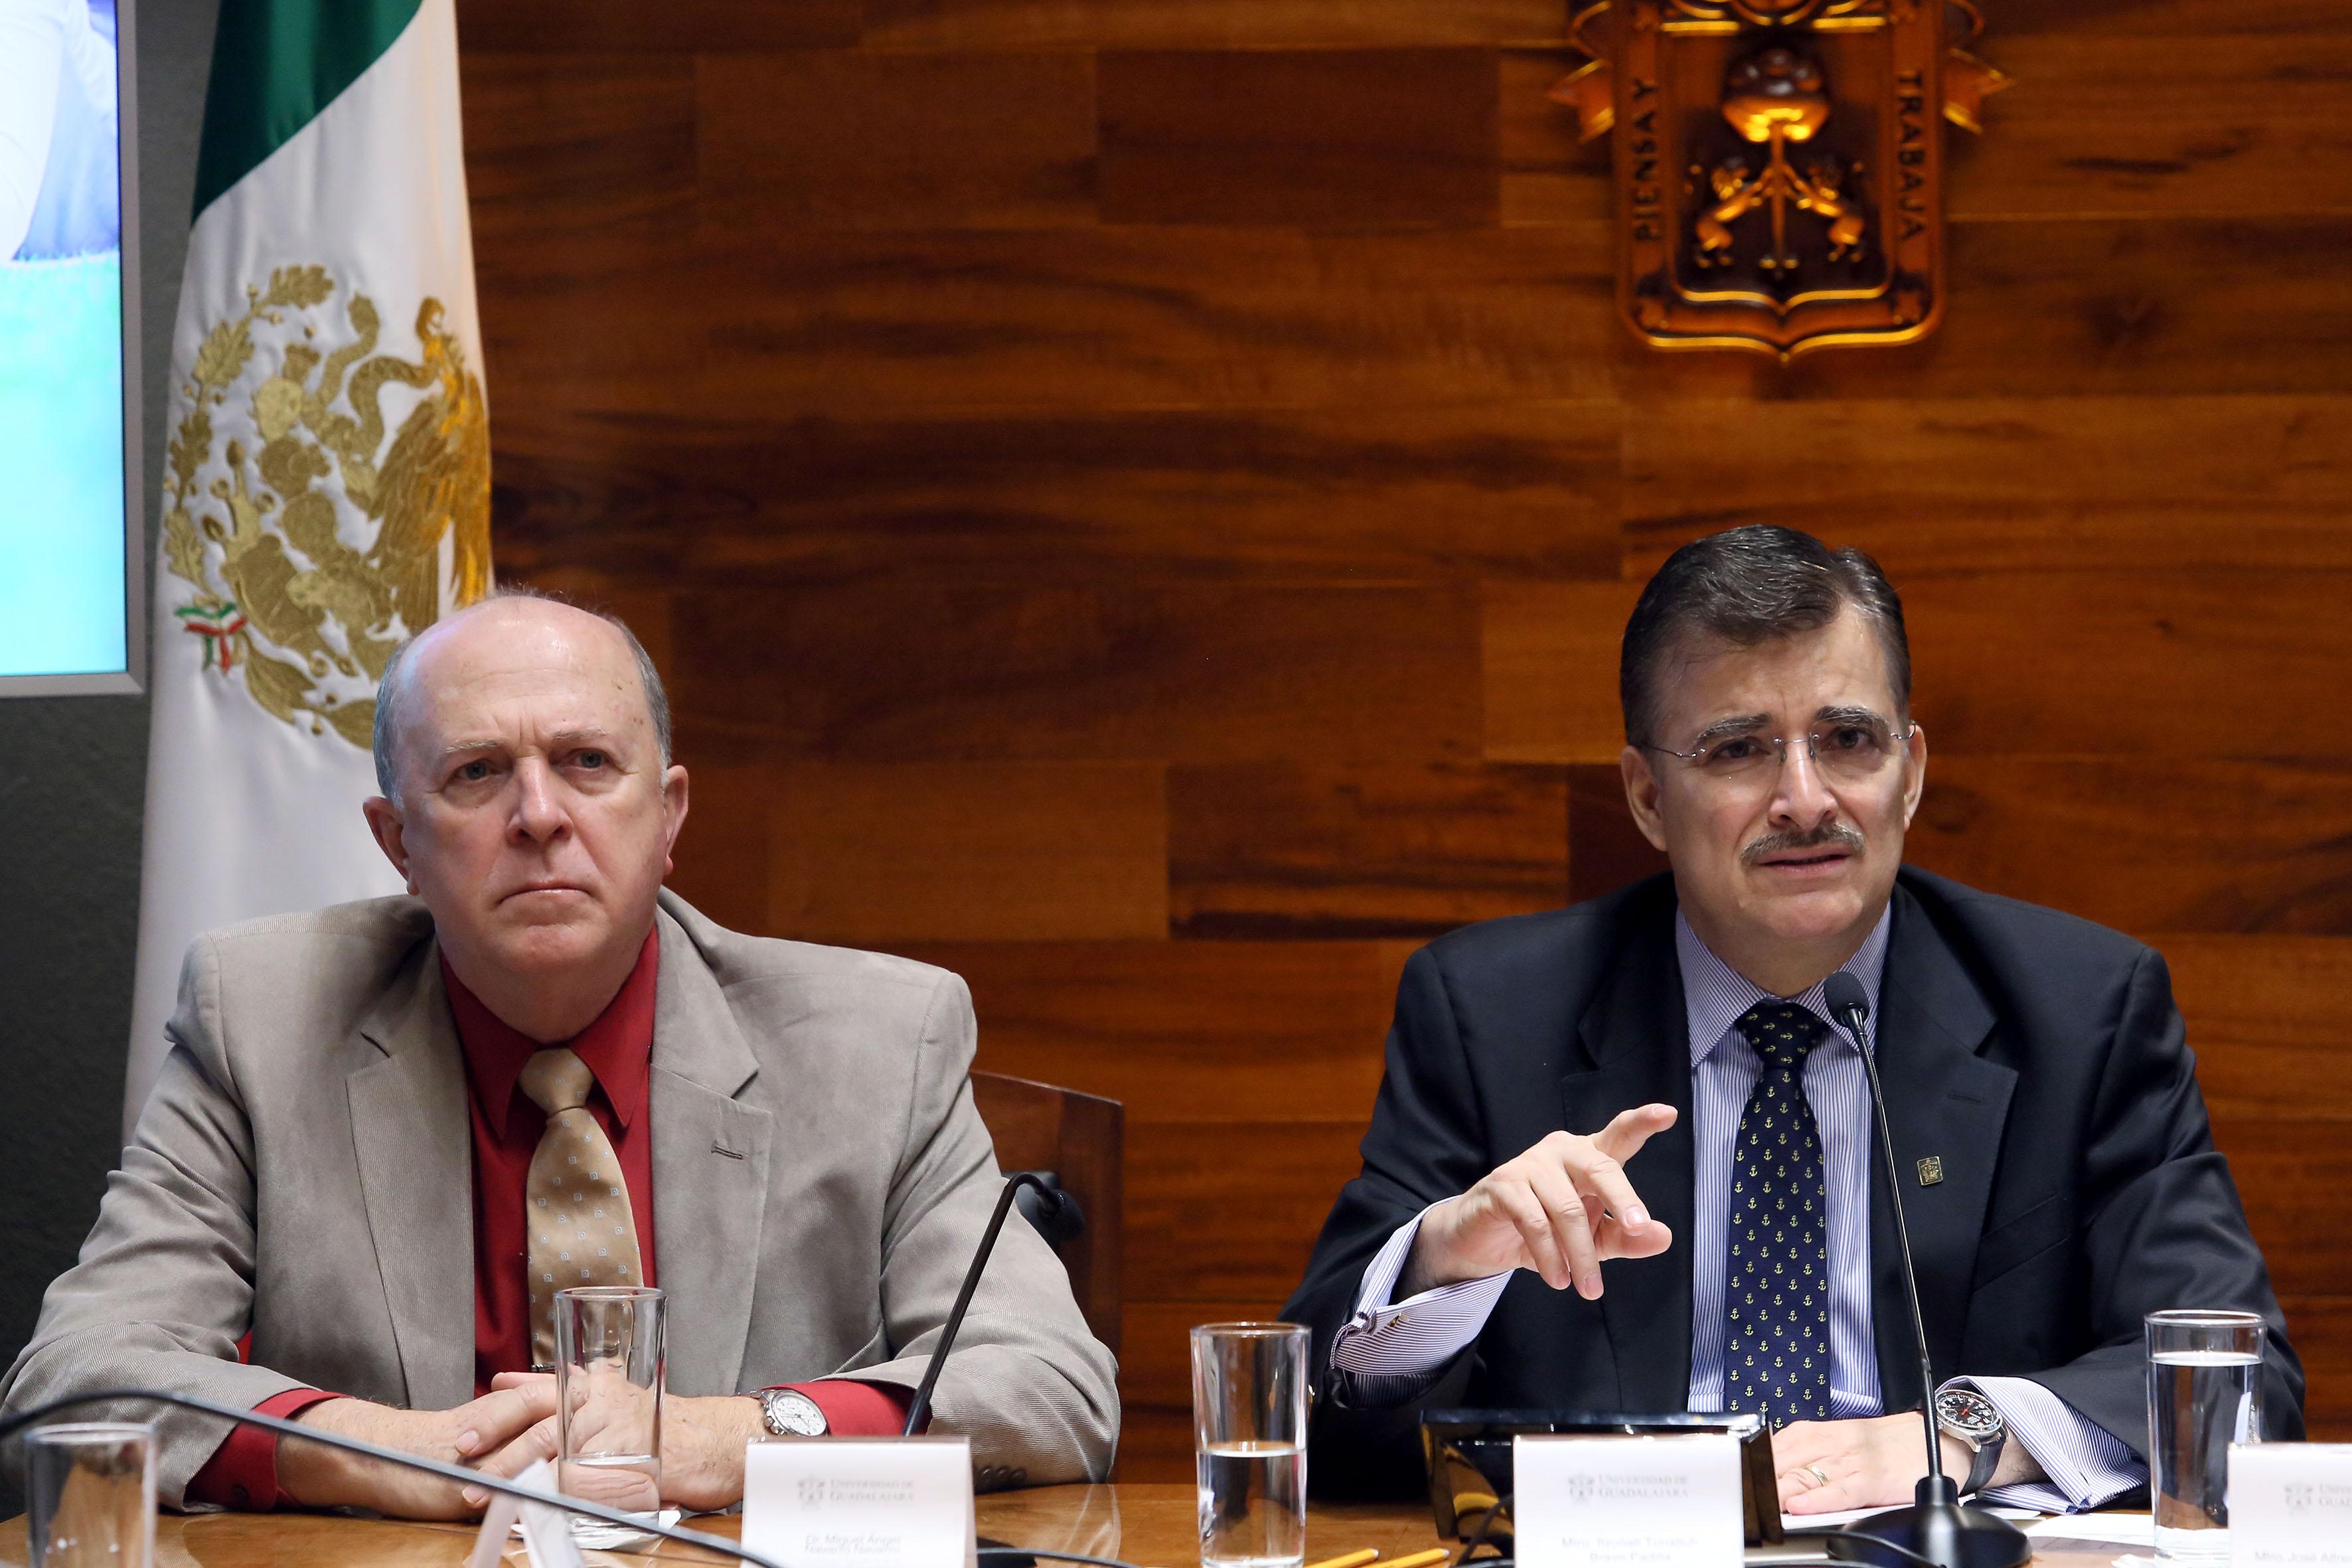 Dr. Miguel Ángel Navarro Navarro, Vicerrector Ejecutivo UdG, y el Maestro Itzcóatl Tonatiuh Bravo Padilla